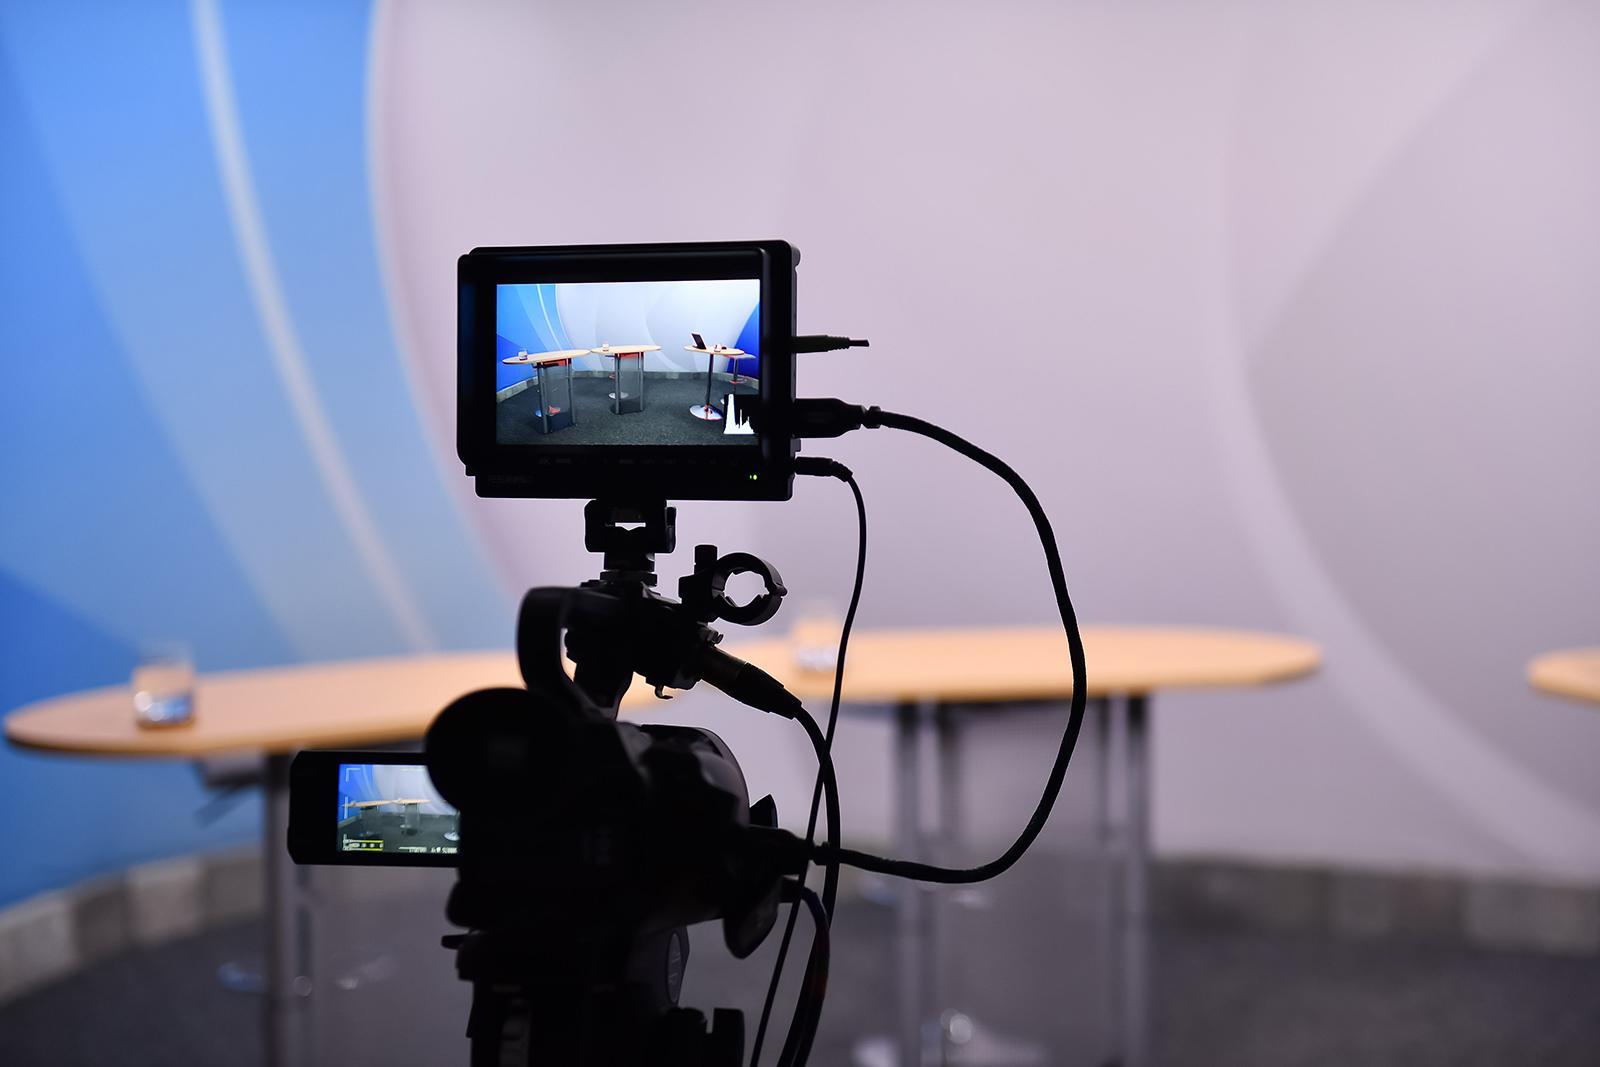 Ein Blick auf den Vorschaubildschirm der Kamera, auf dem ein noch unbesetzter Schreibtisch zu sehen ist.